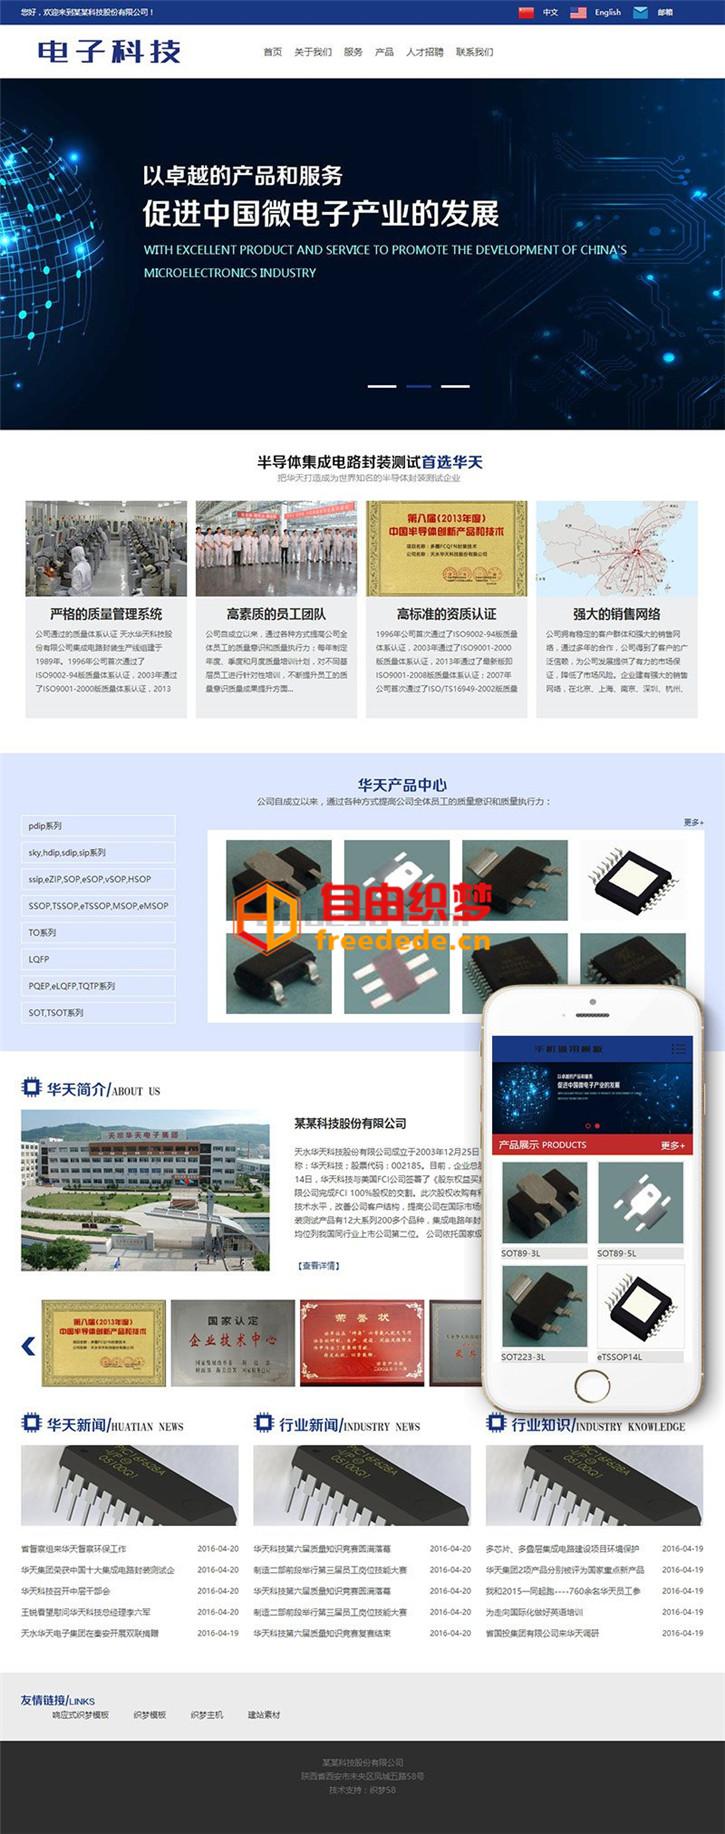 爱上源码网文章dedecms网站源码中英双语微电子科技类网站织梦模板(带手机端)的内容插图